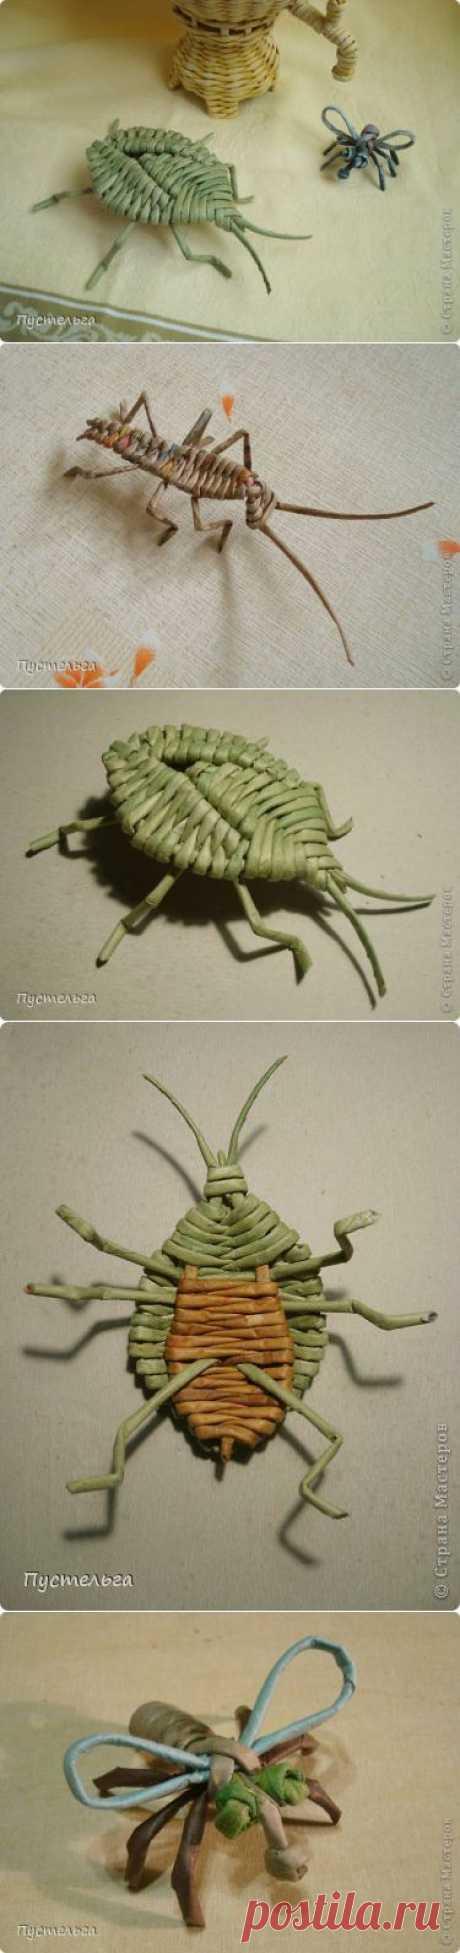 Жучки-паучки из бумажных трубочек. Автор Пустельга